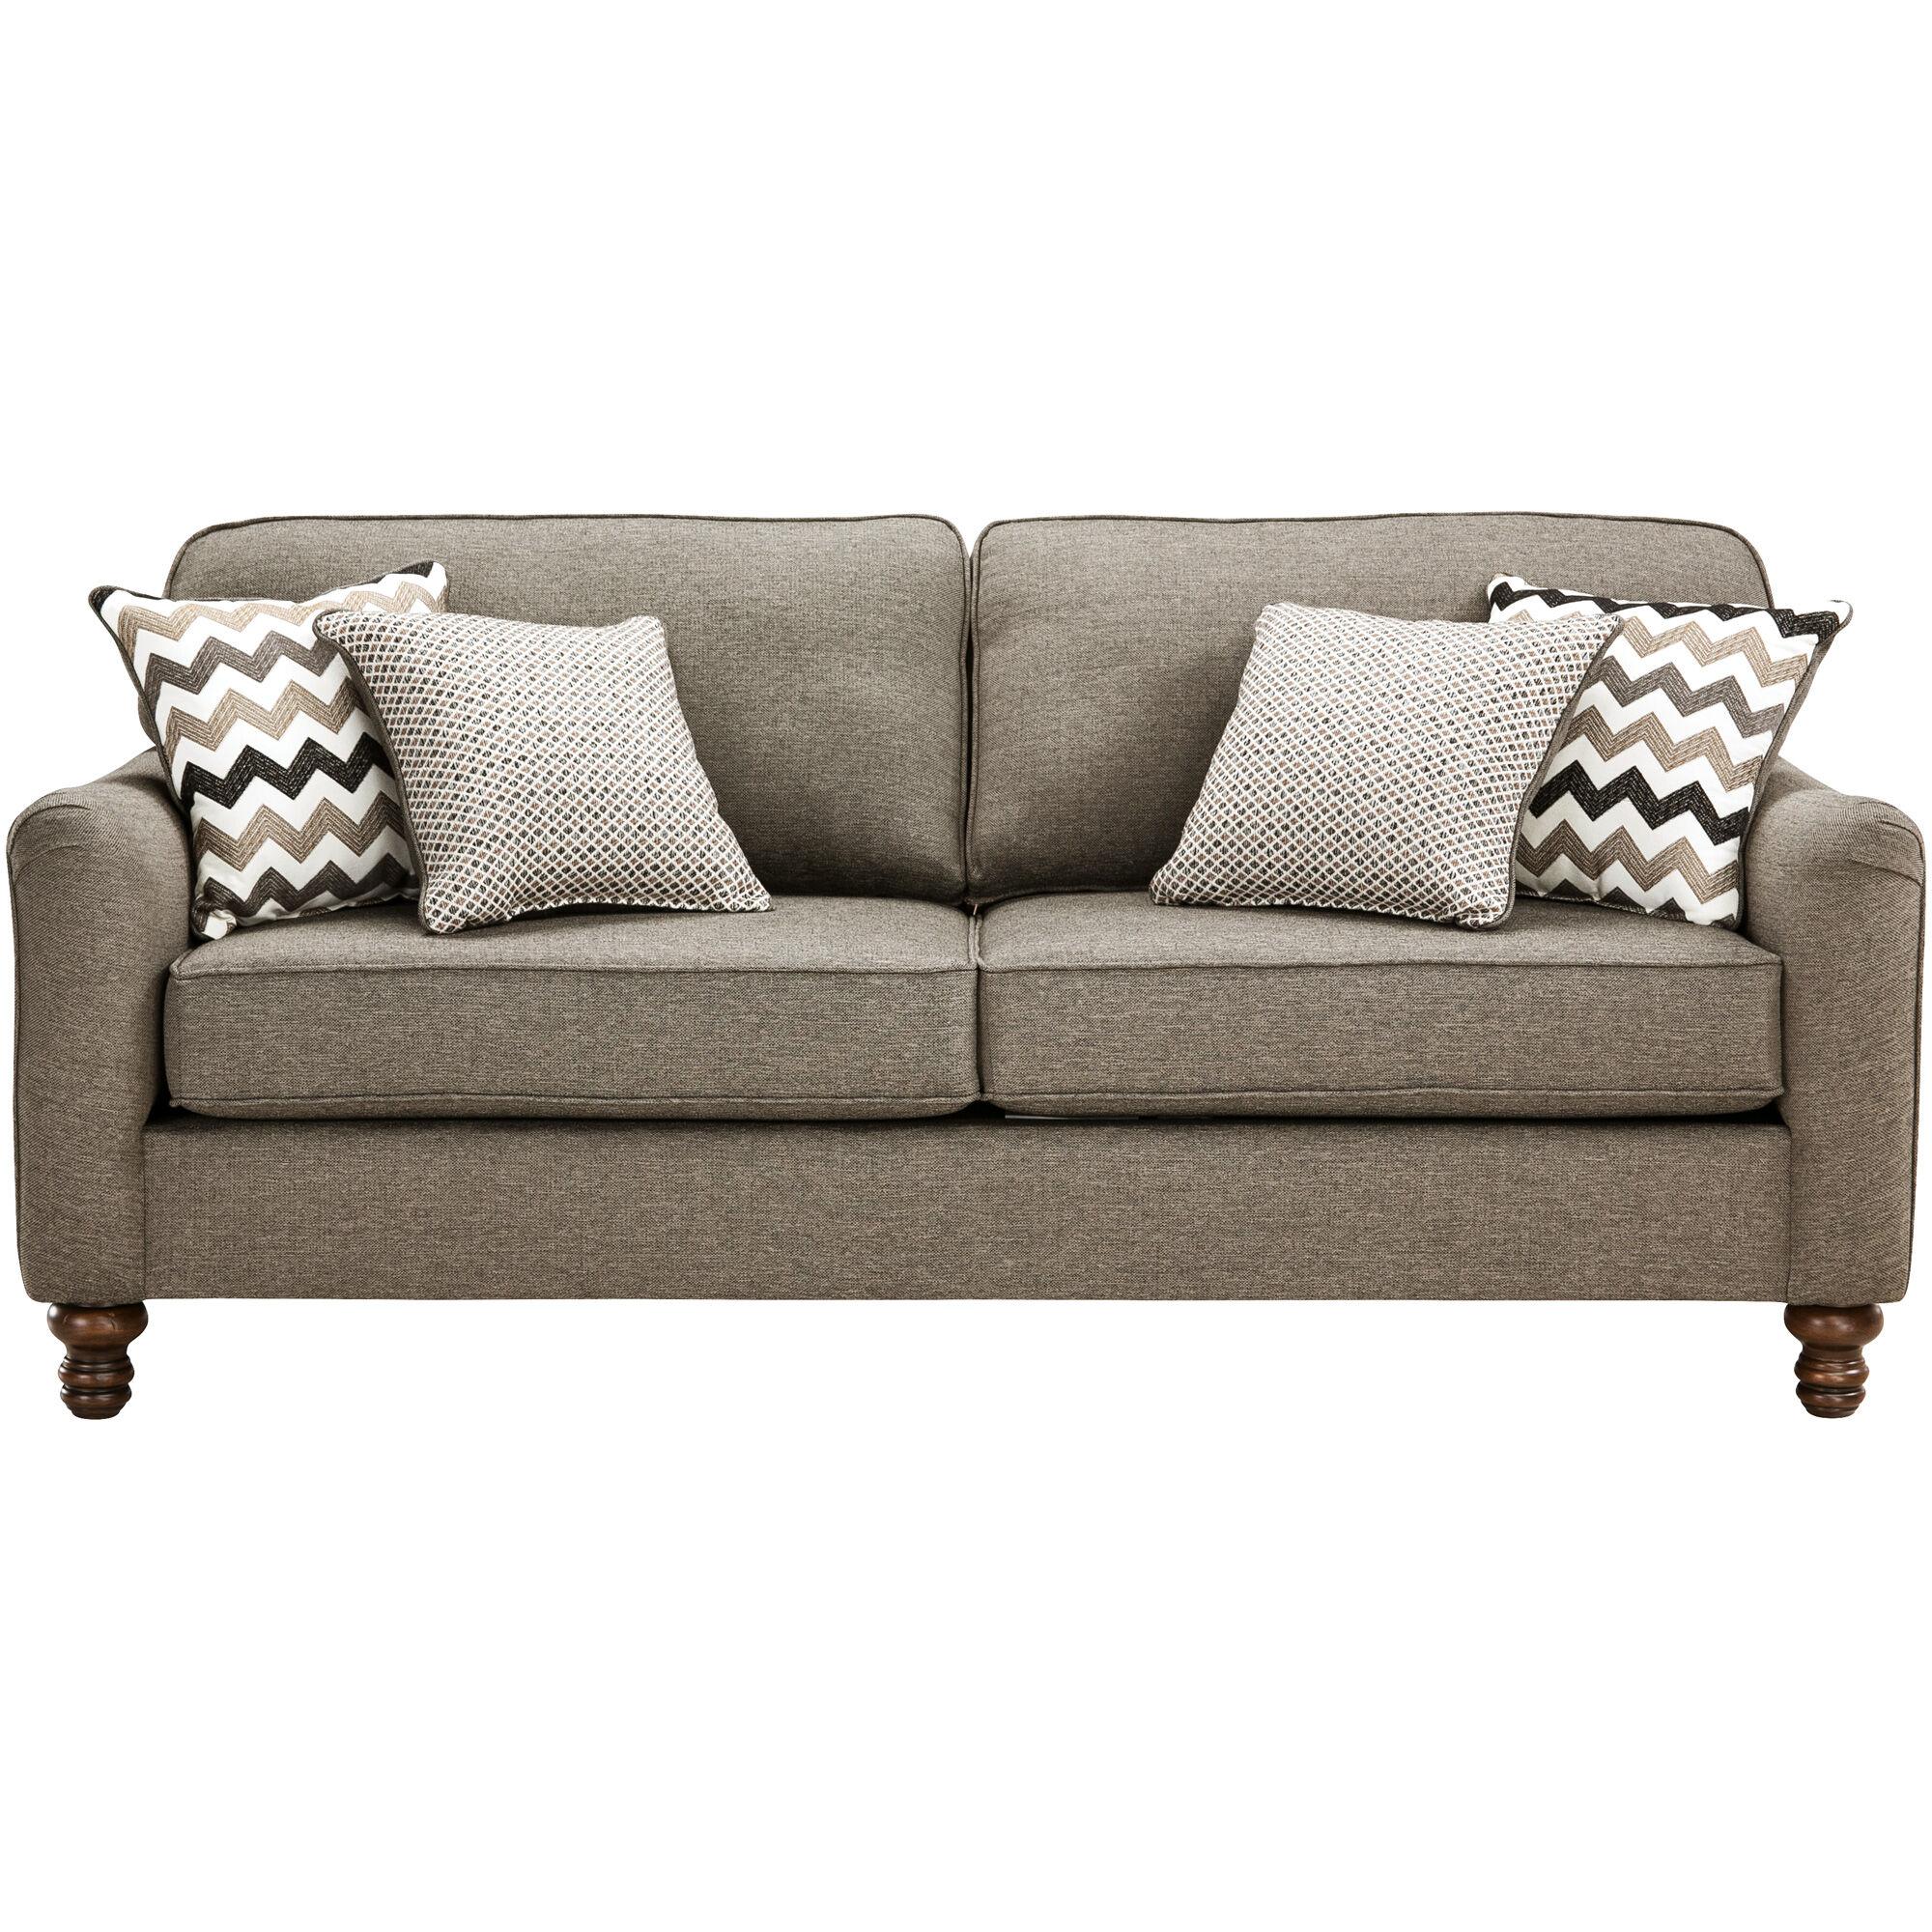 bauhaus sofas cama asian uk slumberland furniture coleton sofa